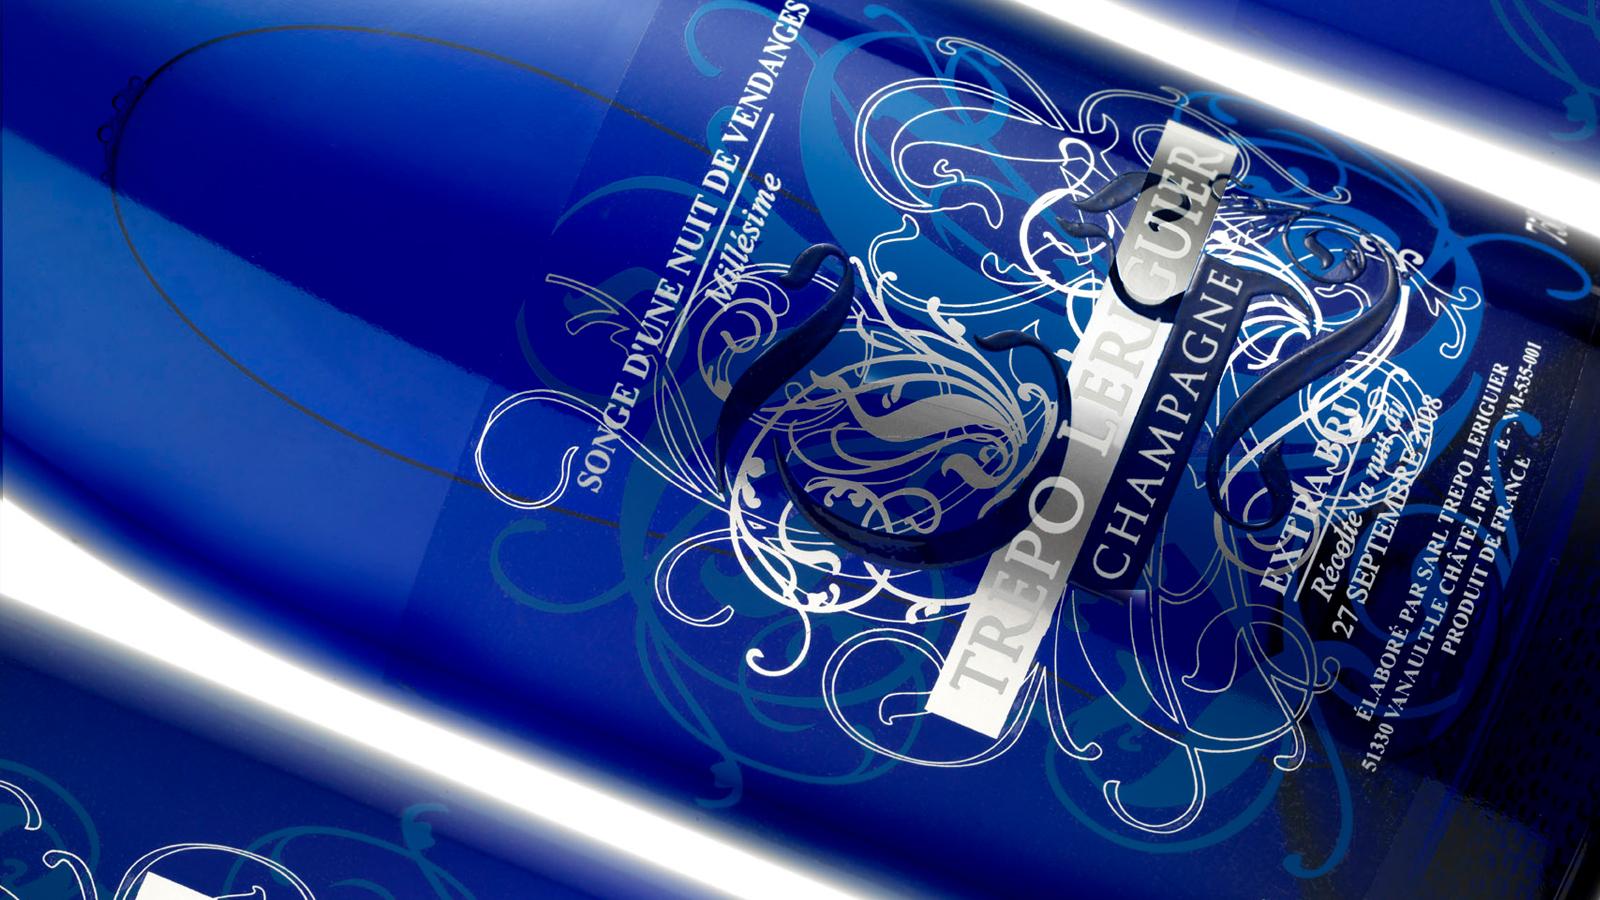 1-2S-Trepo-Leriguier-Champagne-Design-Packaging.jpg